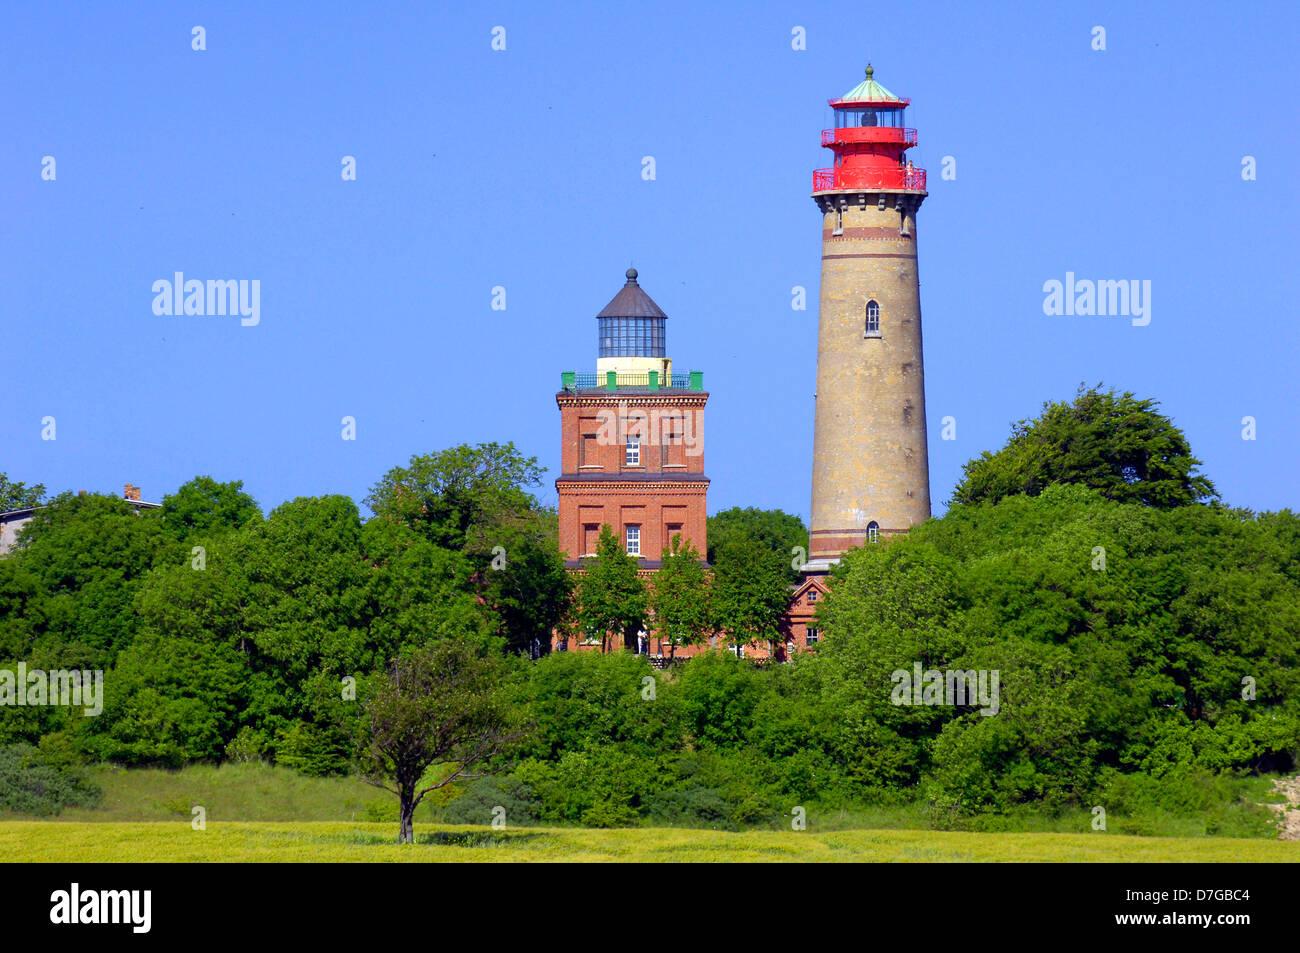 Germany, Mecklenburg-West Pomerania, island Rügen, cape Arkona, lighthouse, lighthouses - Stock Image